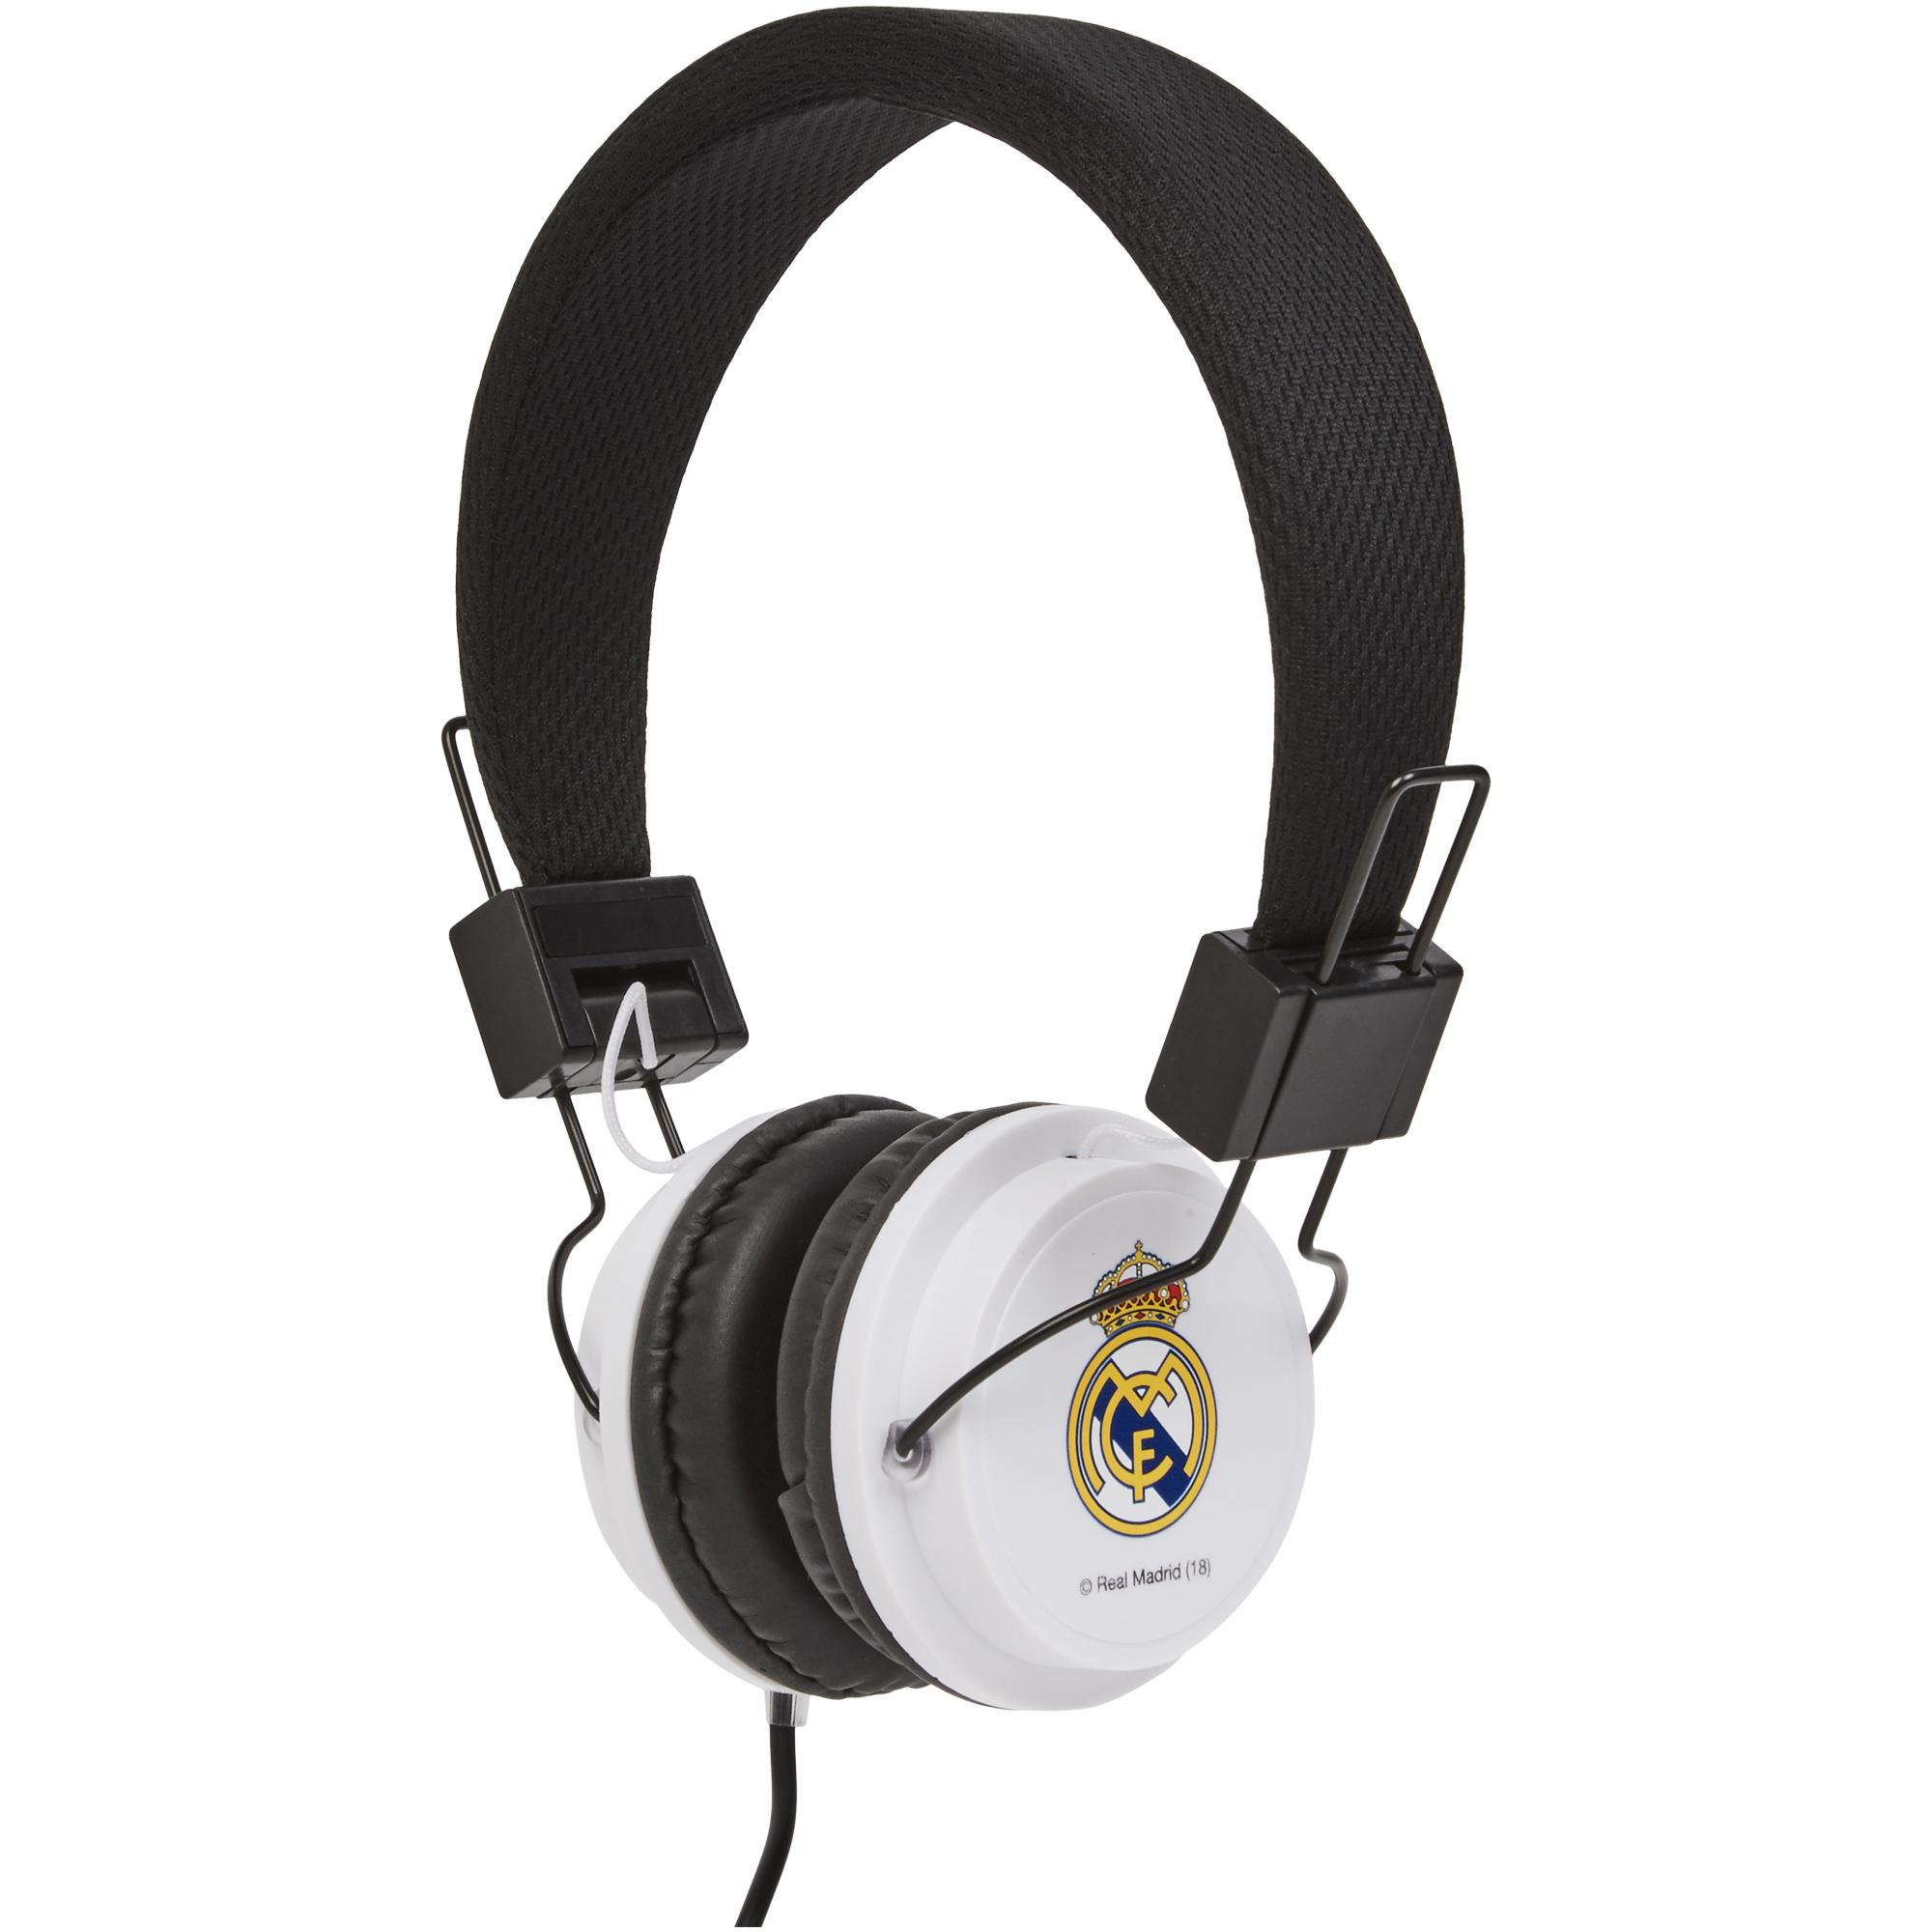 Club Branded / Auriculares del Real Madrid en negro y blanco